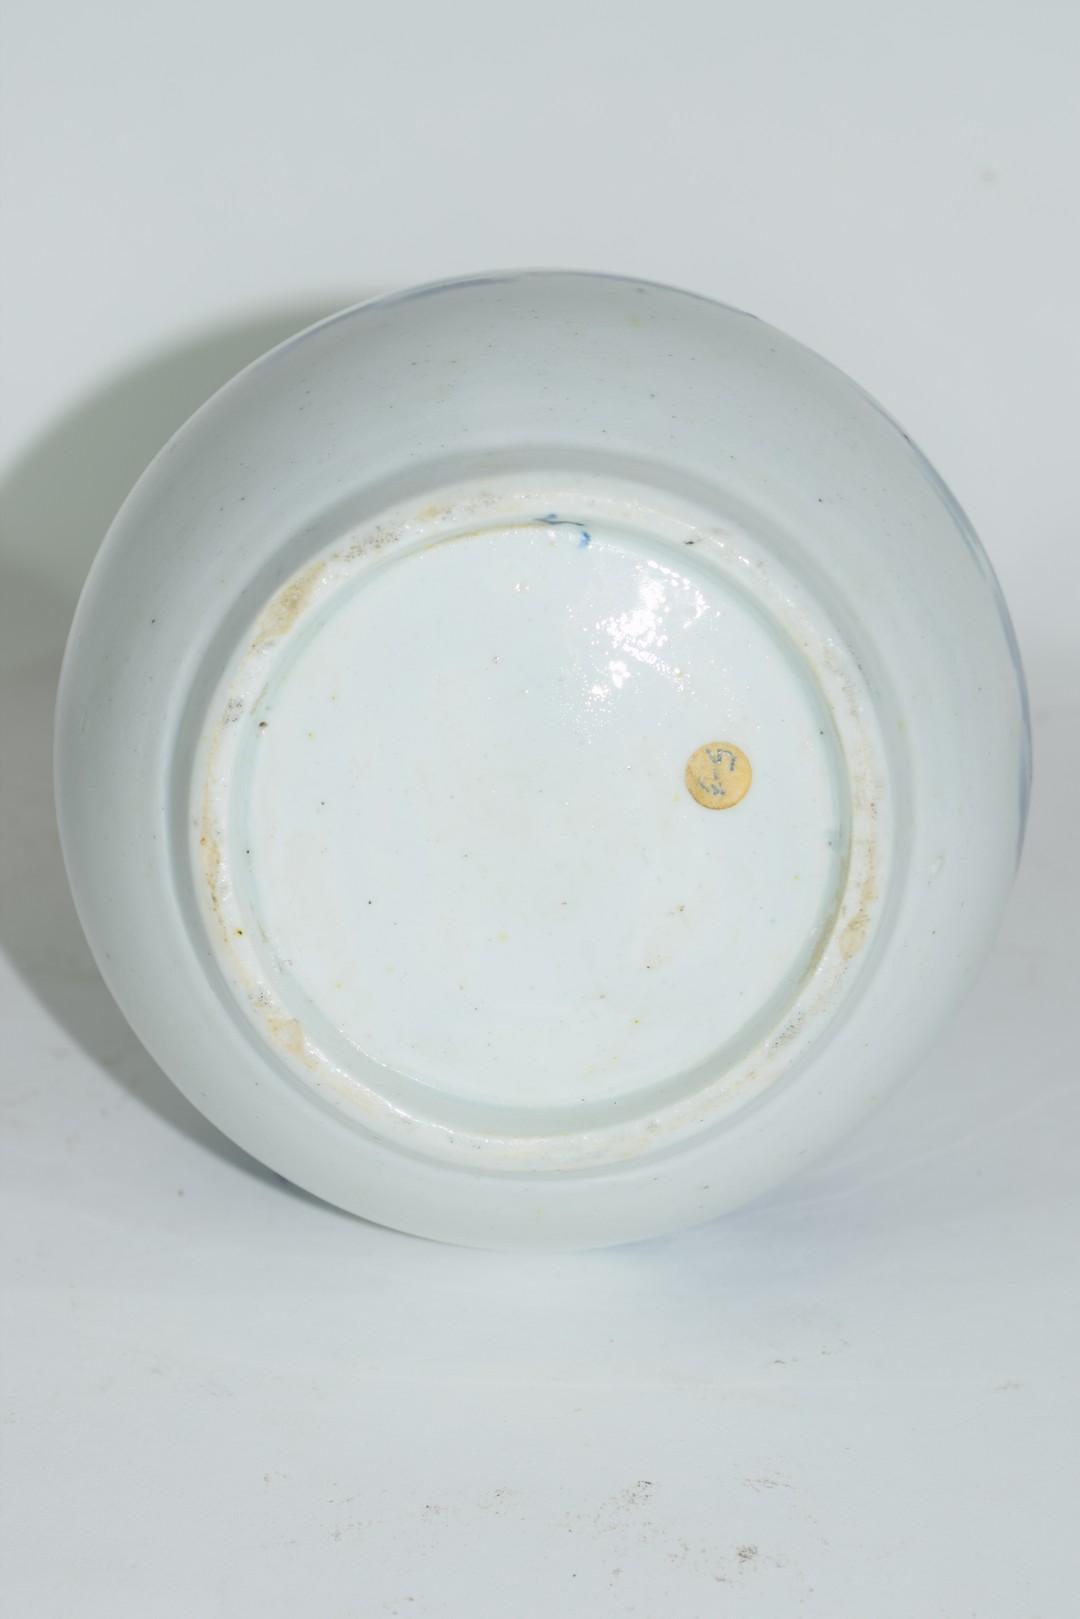 Lowestoft porcelain guglet or water bottle - Image 6 of 7